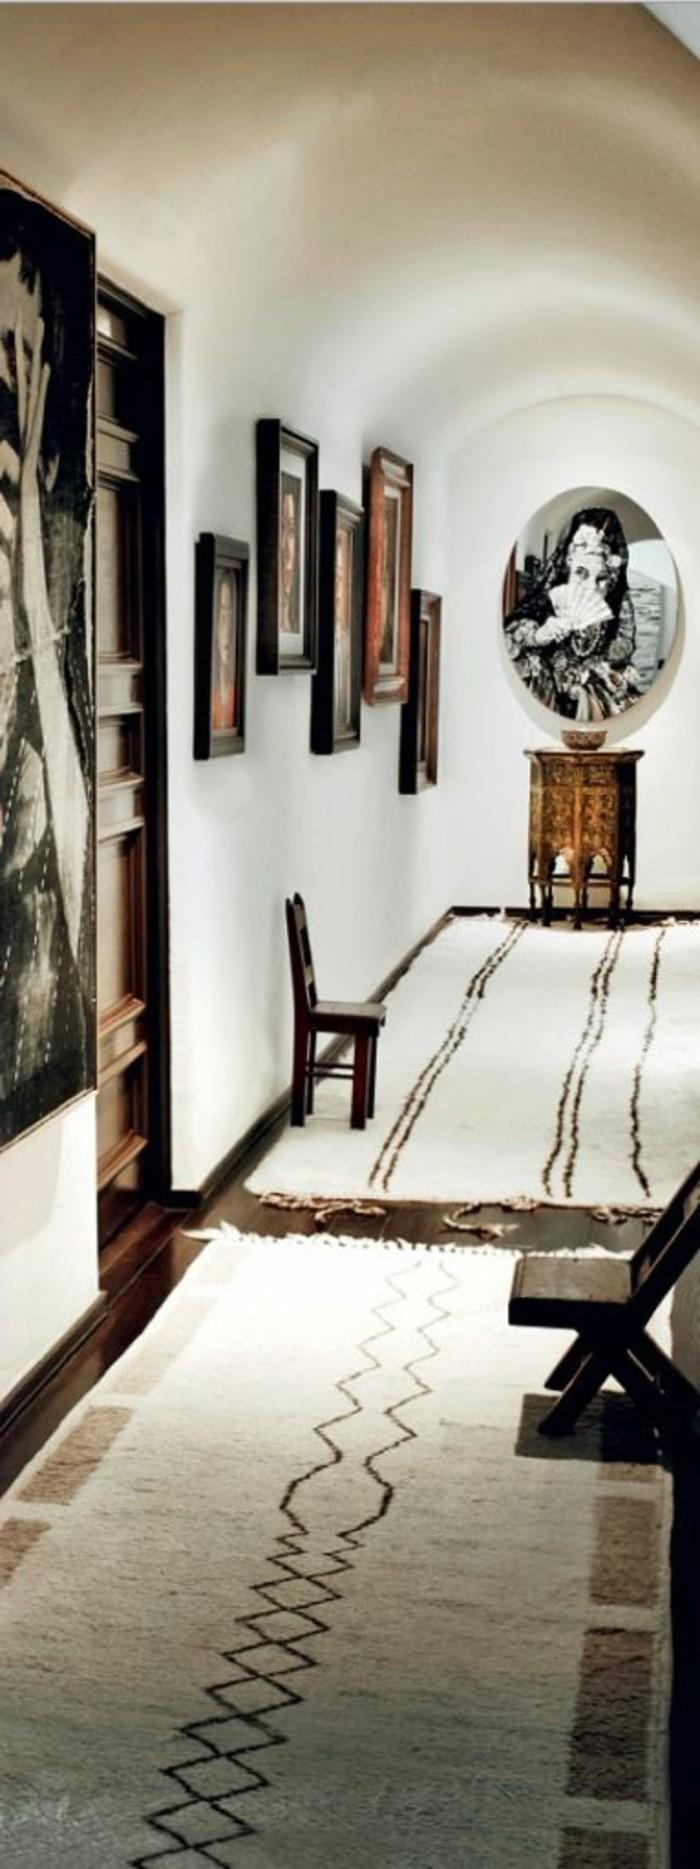 33-long-tapis-de-couloir-plusieurs-tableaux-sur-le-mur